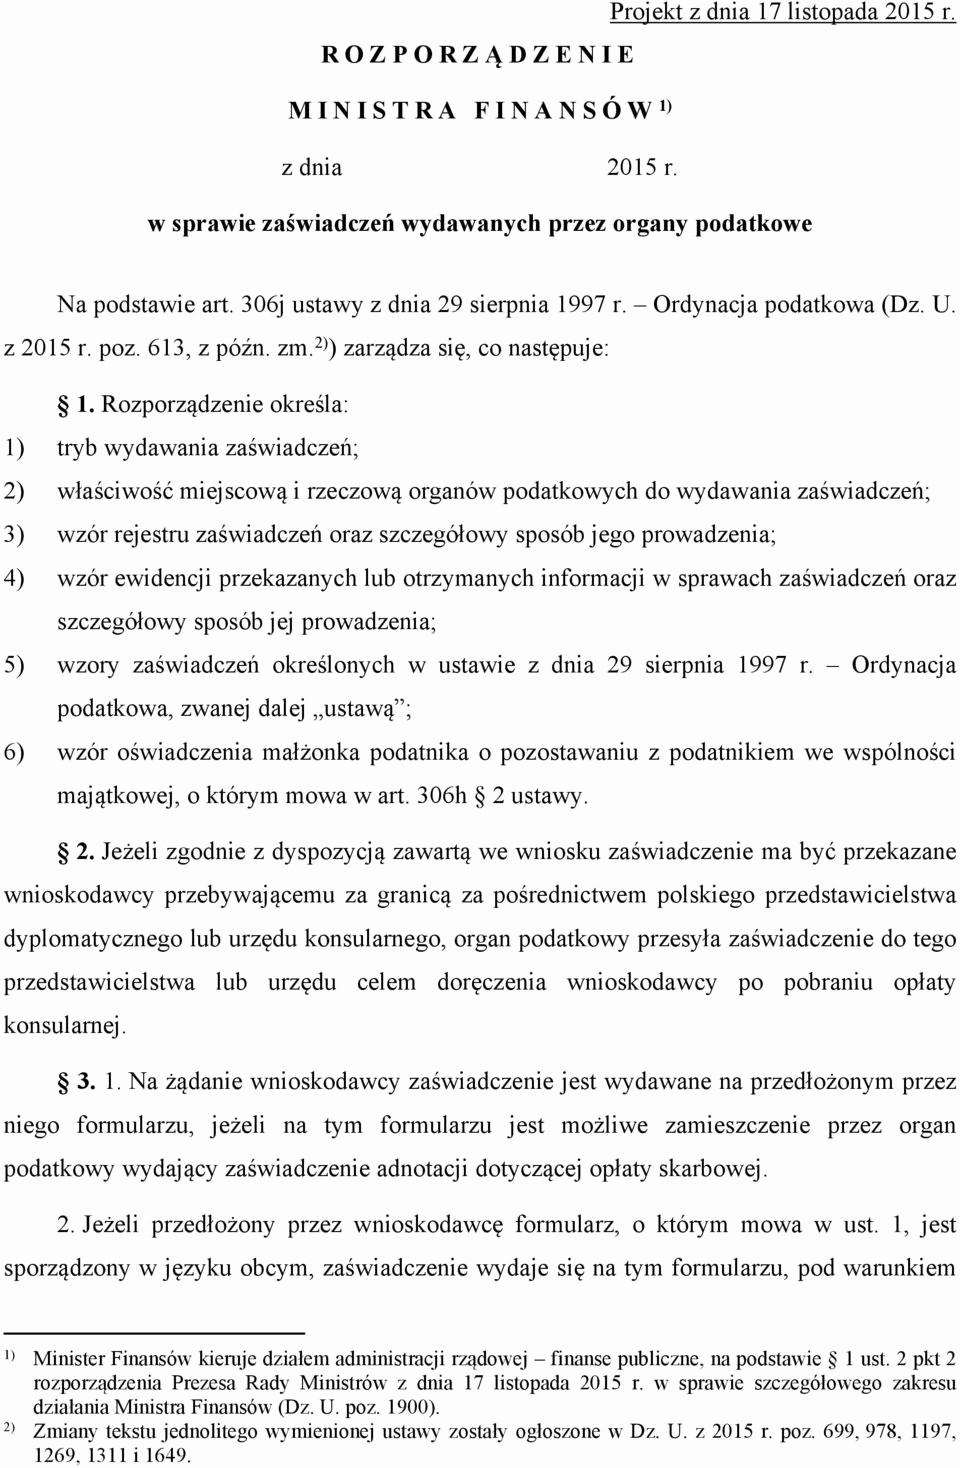 Carta De Cobro De Deuda Unique Z Dnia 2015 R W Sprawie Zaświadczeń Wydawanych Przez